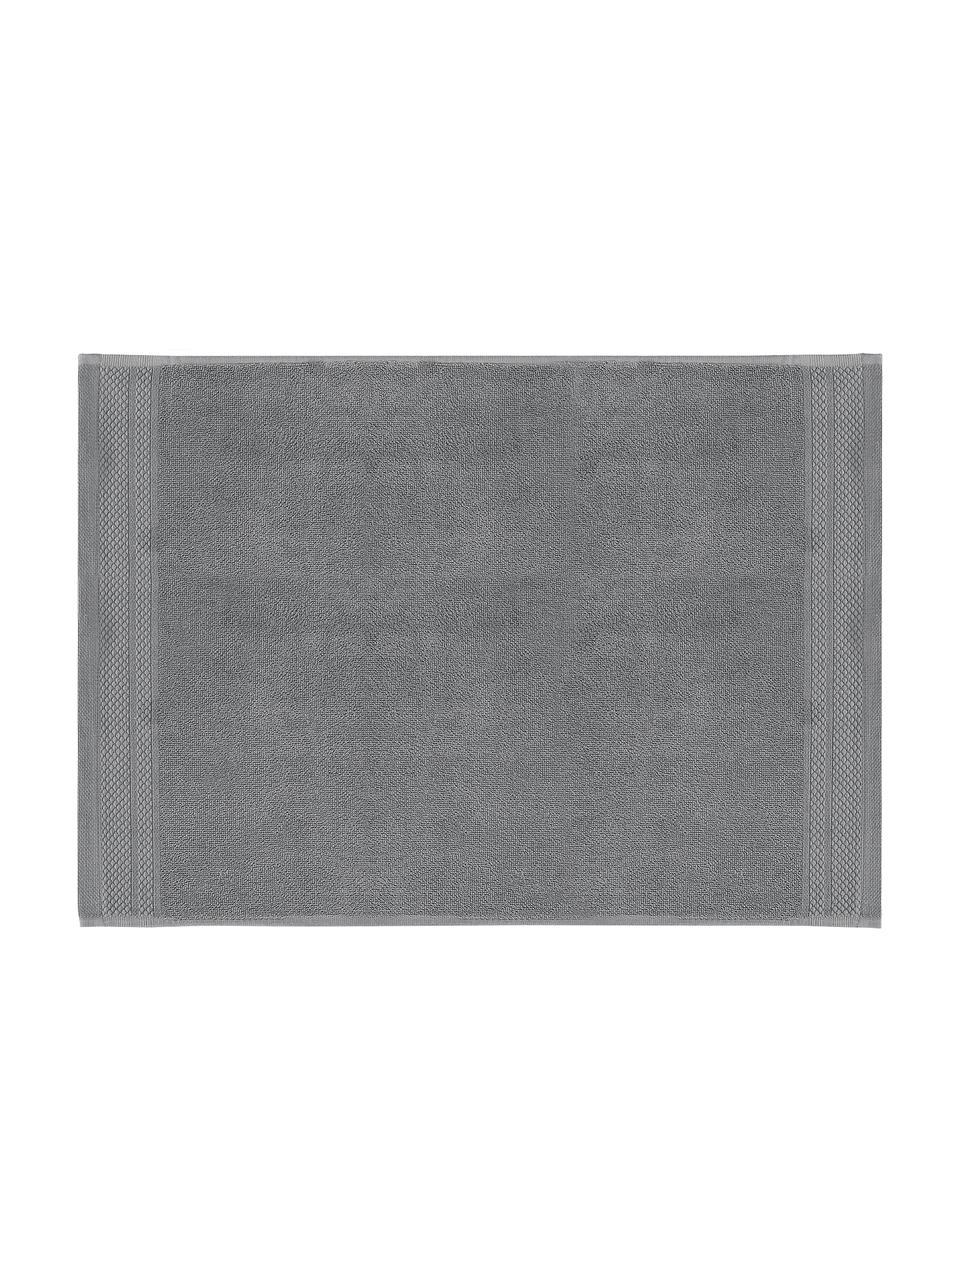 Badematte Premium, rutschfest, 100% Baumwolle, schwere Qualität 600 g/m², Dunkelgrau, 50 x 70 cm